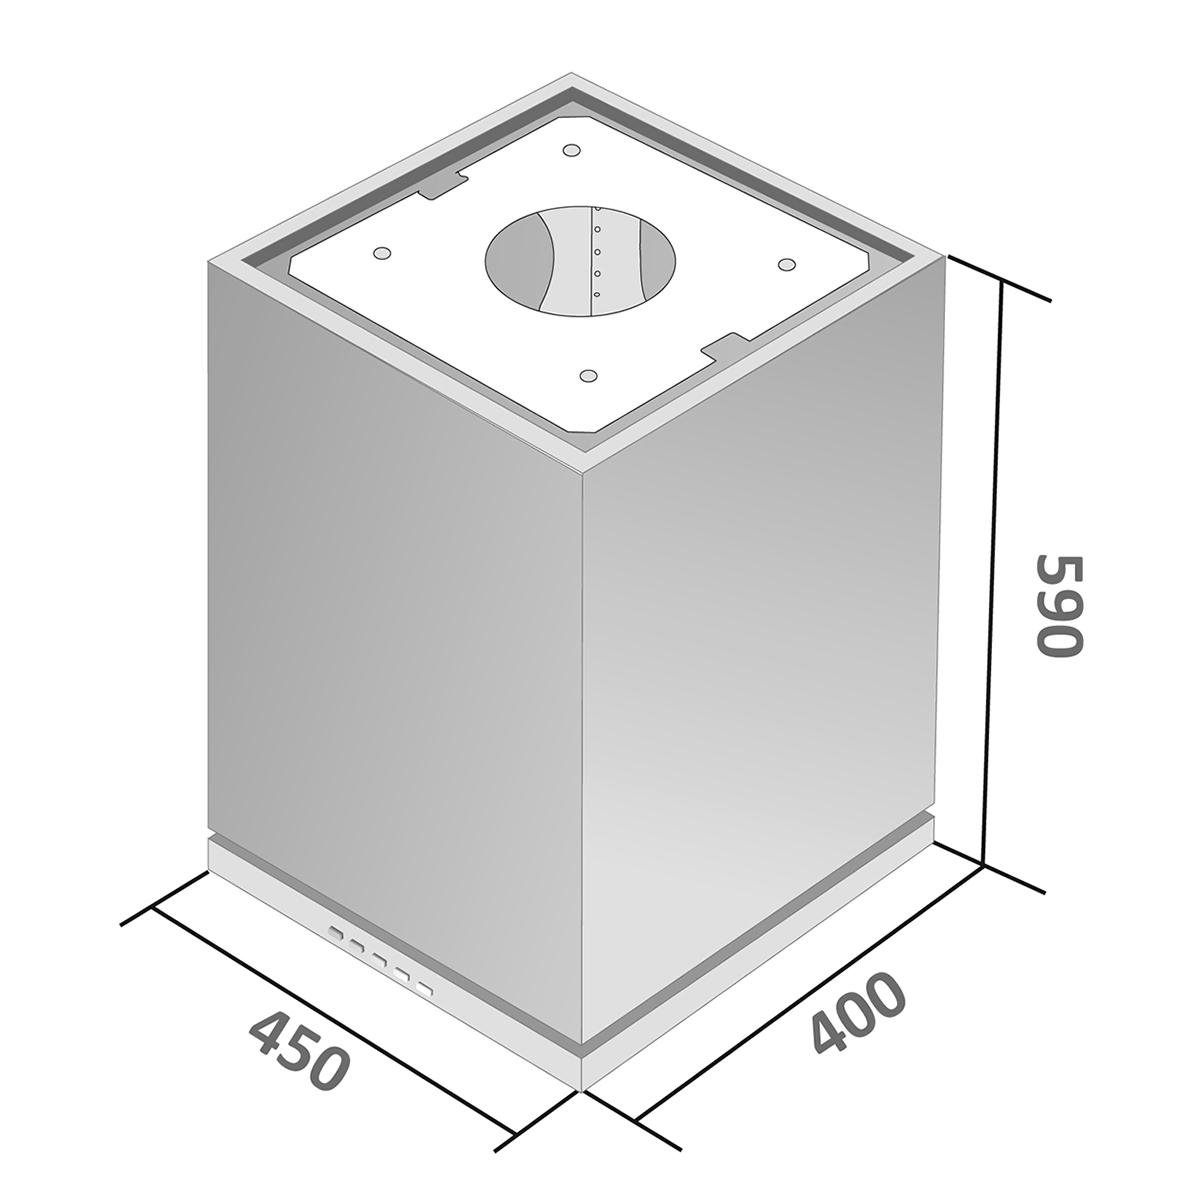 Coifa Gaia parede inox 45cm - Venturi